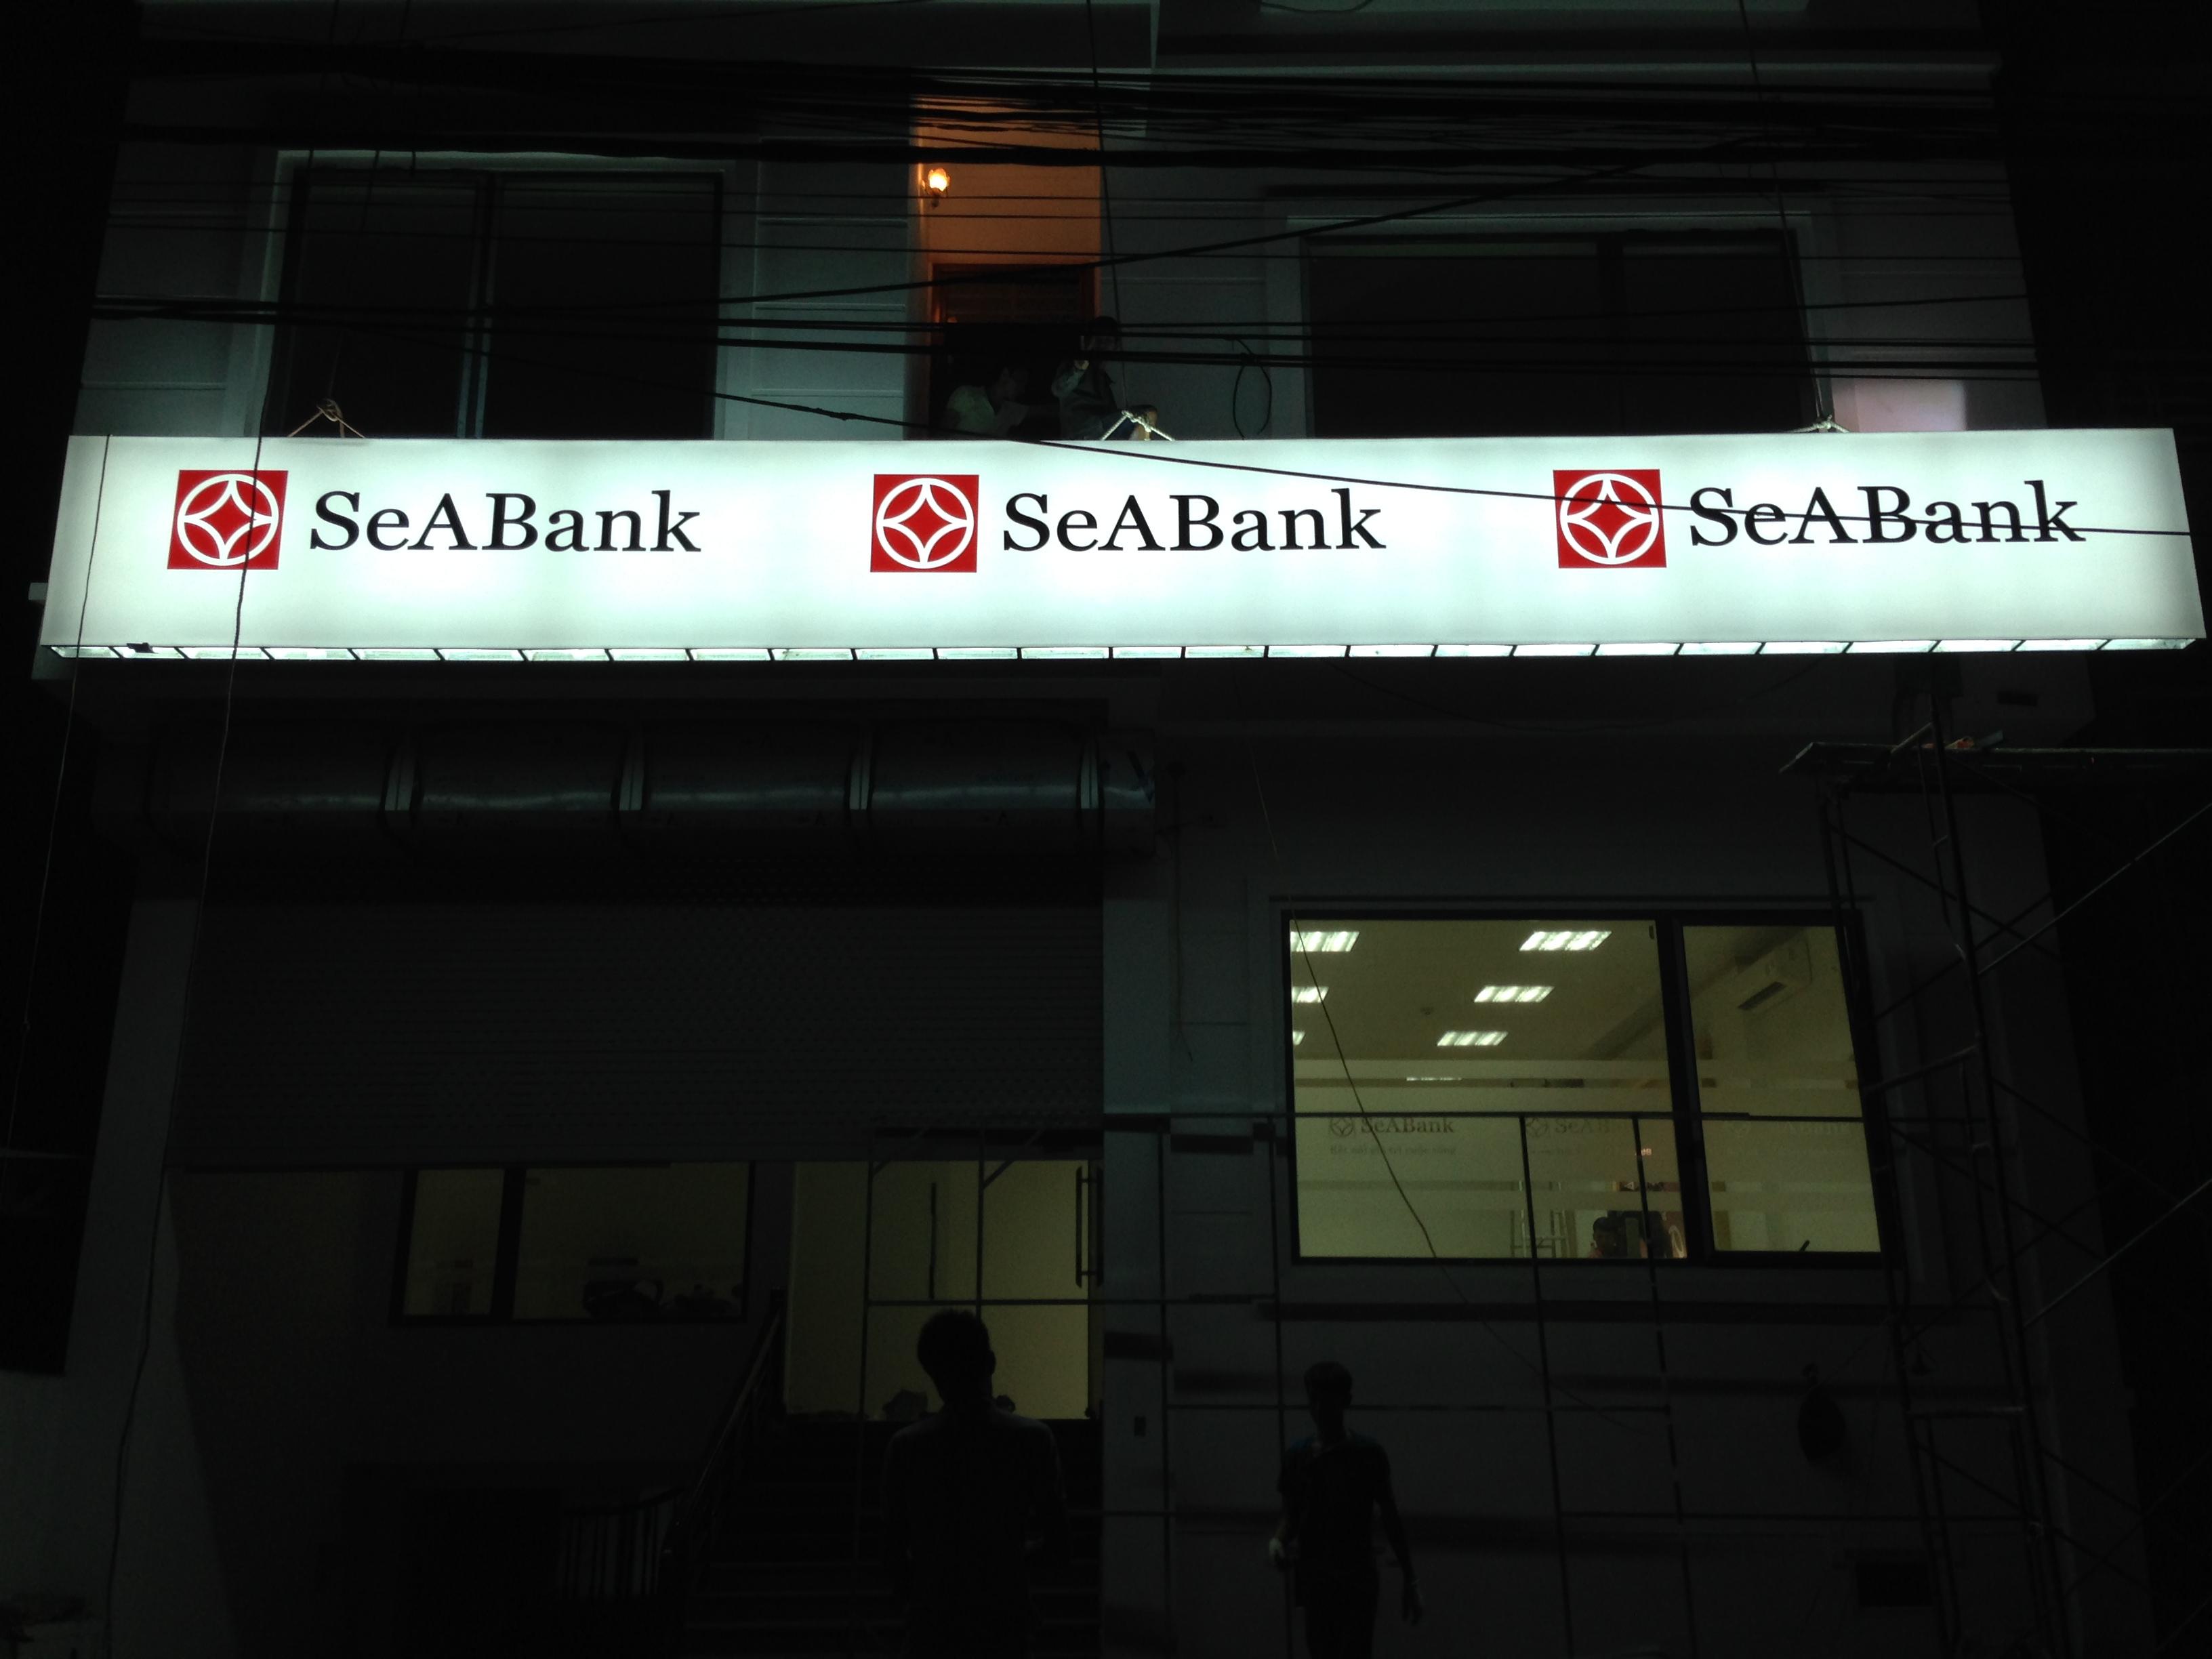 Biển hộp đèn ngân hàng SeABank